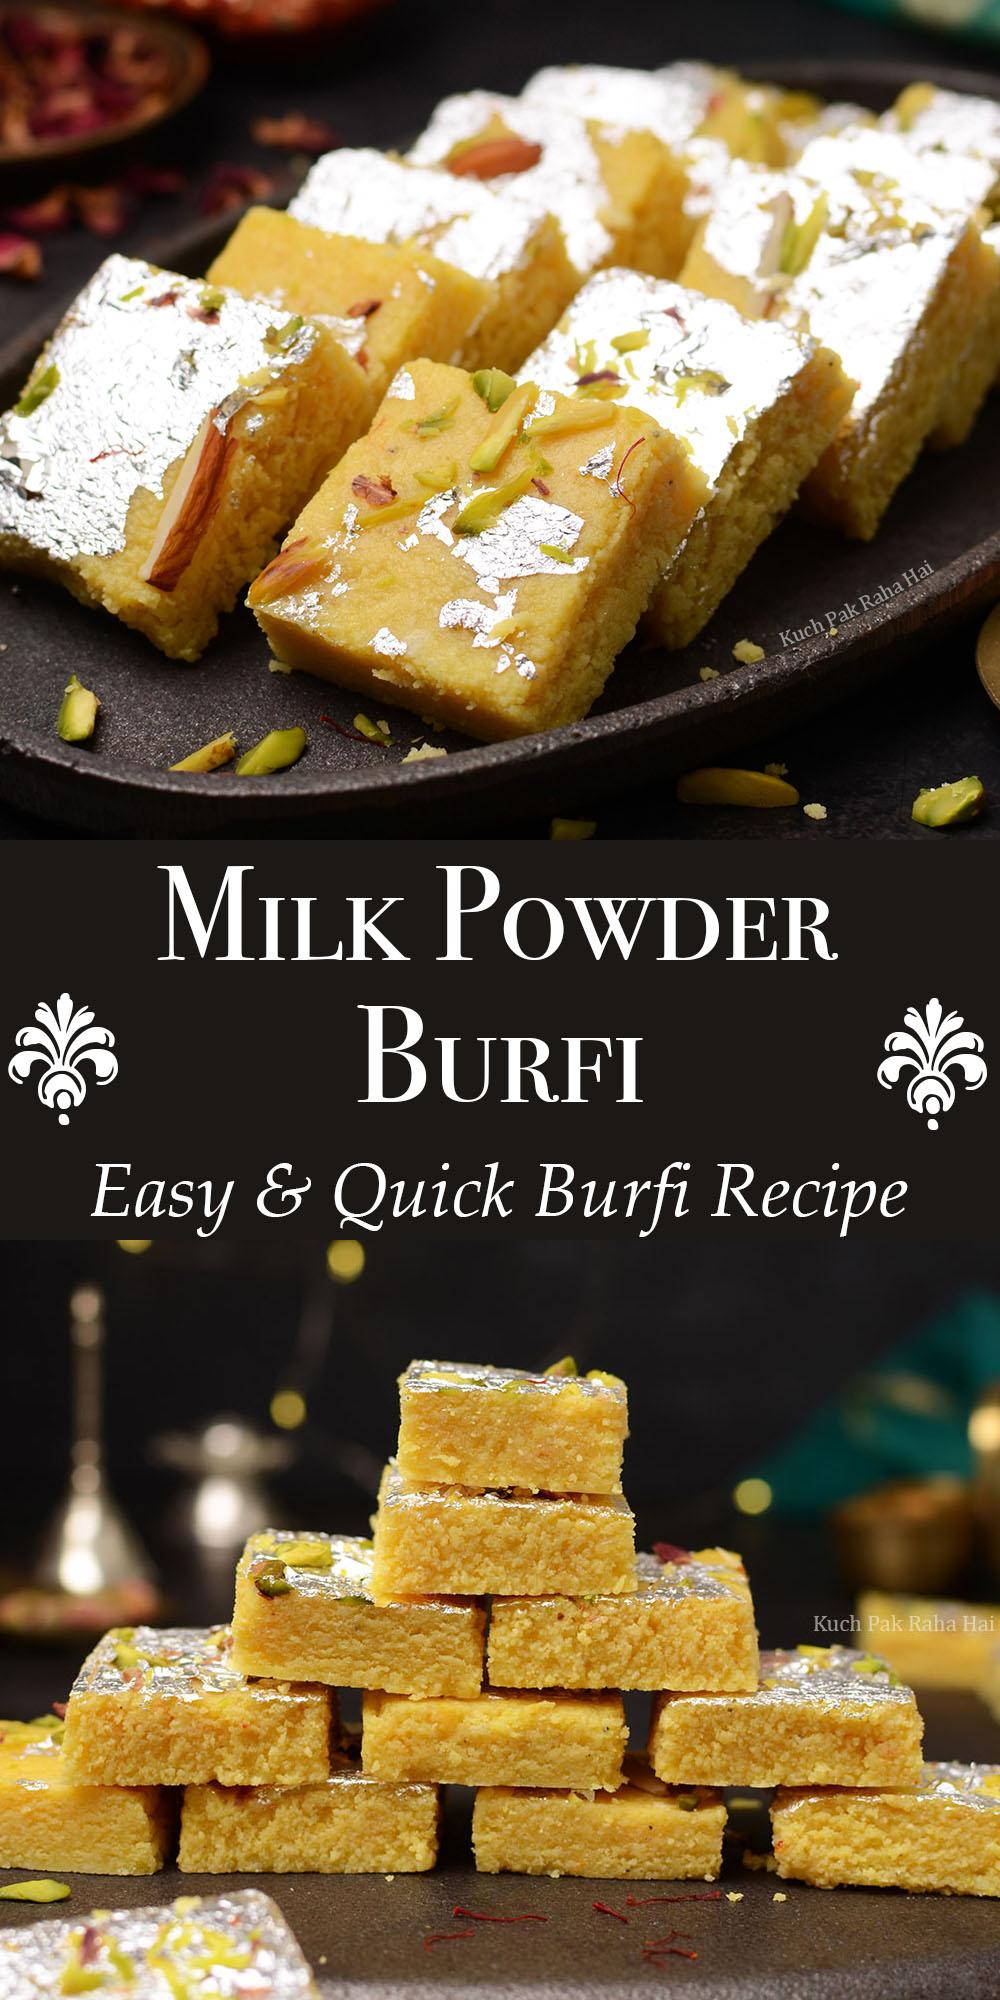 Easy Milk Powder Burfi Recipe